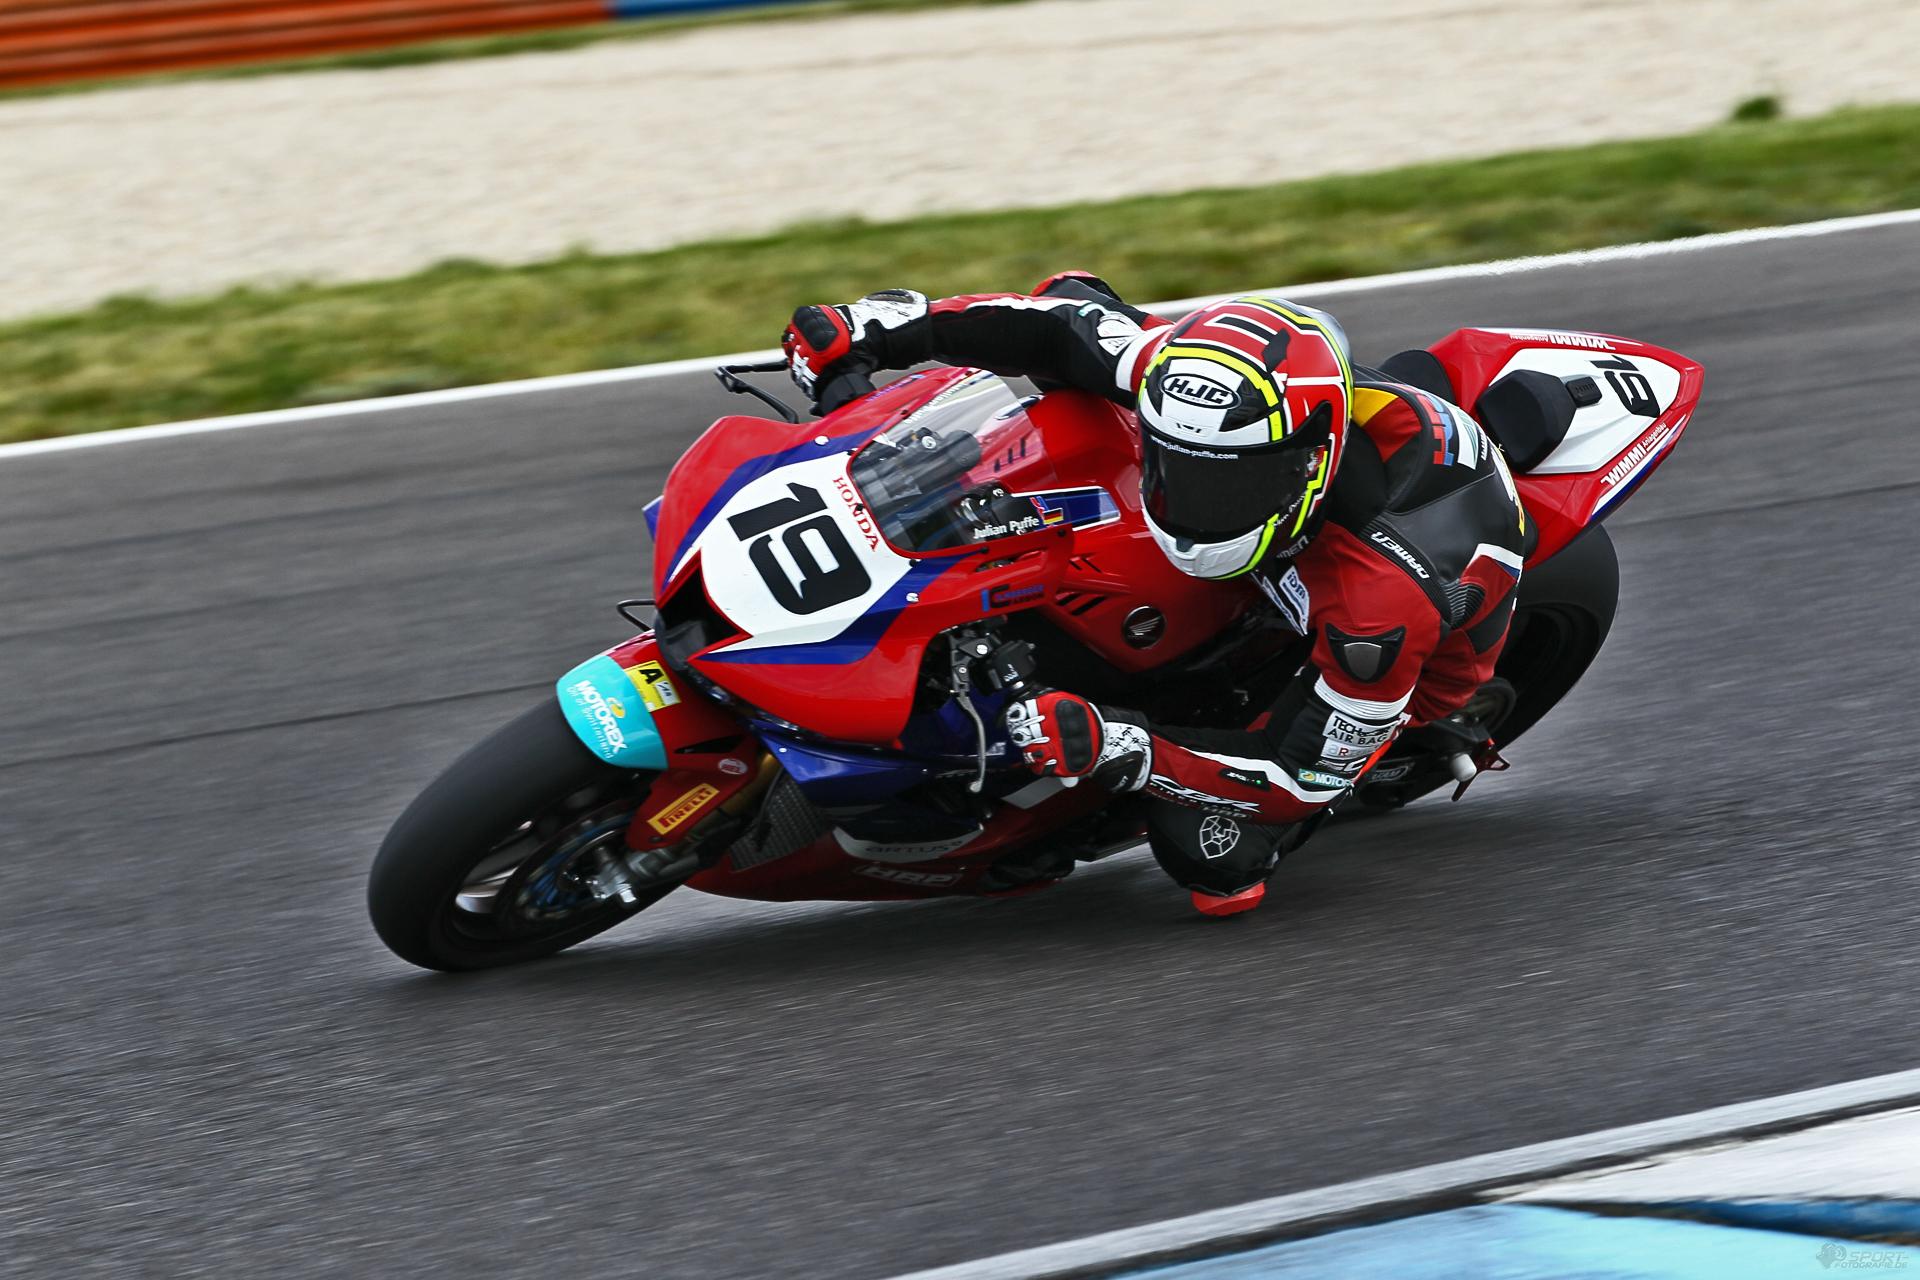 Neue Honda, neue Abstimmungen - alte Leidenschaft. - Foto: ©Julian Puffe/HRP - Holzhauer Racing Promotion